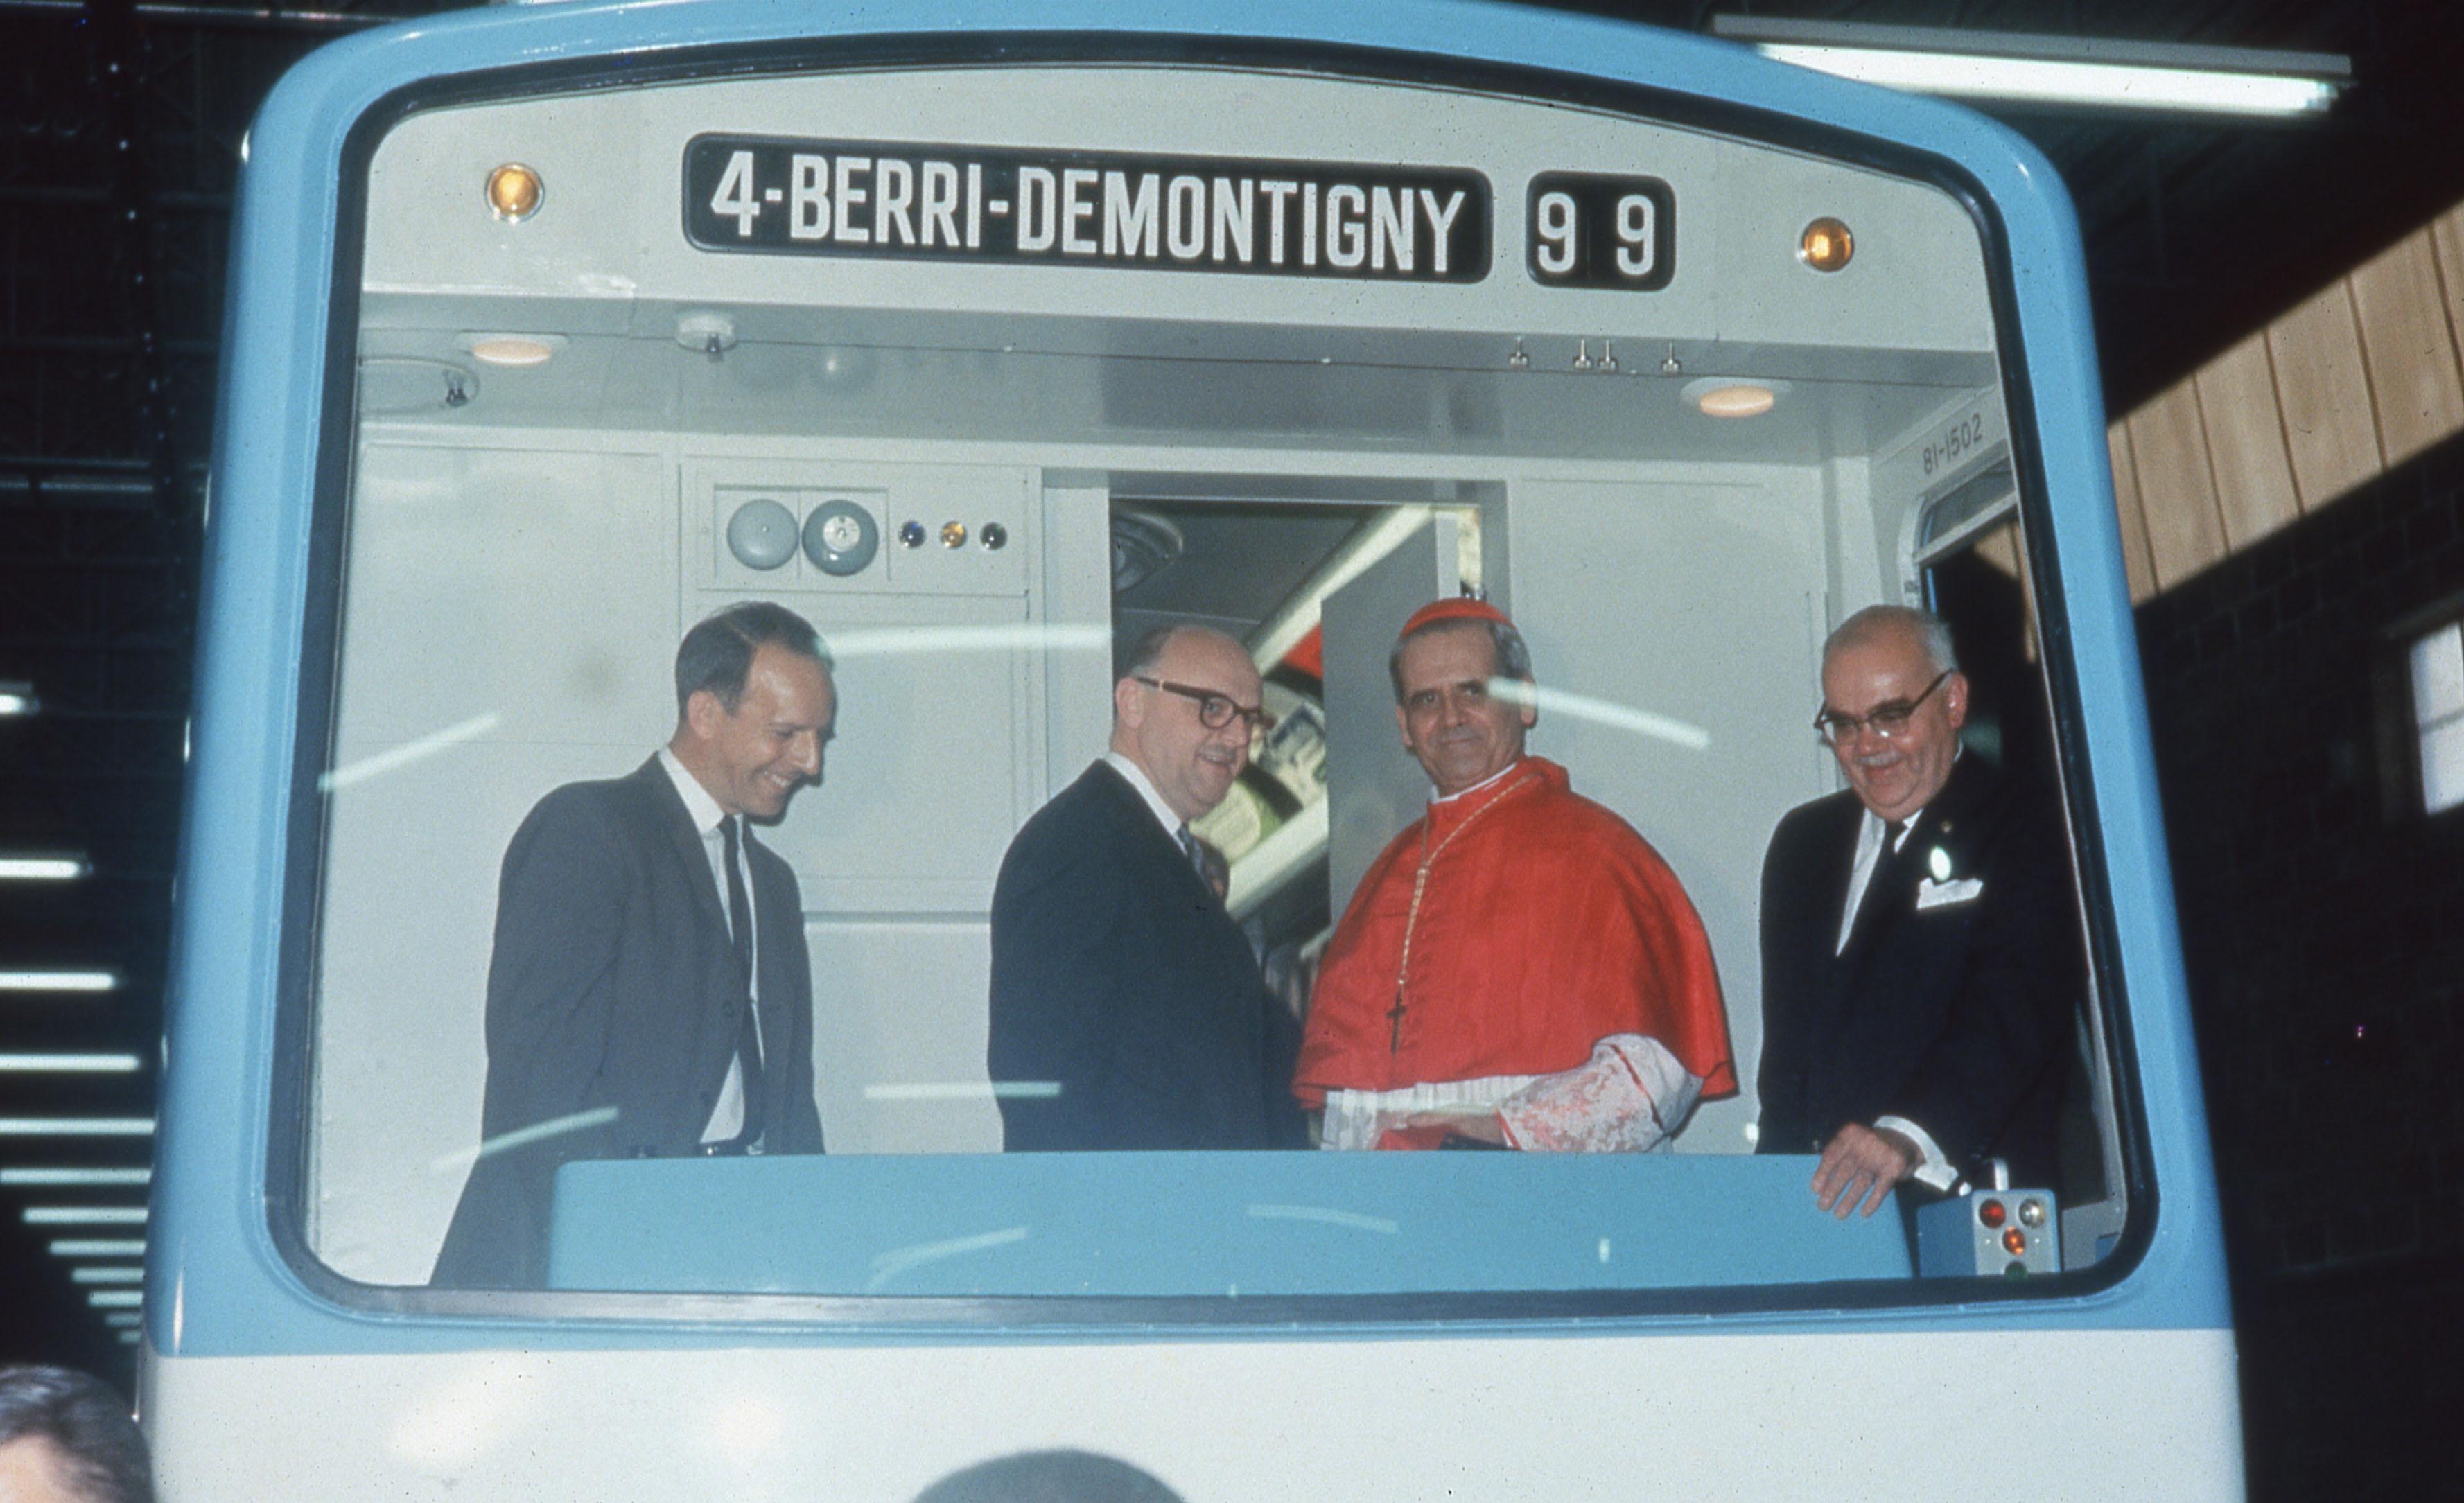 Inauguration de la première rame du métro à la Canadian Vickers, en présence notamment du cardinal Paul-Émile Léger, du maire Jean Drapeau et le président de la Commission de transport de Montréal, Lucien L'Allier.